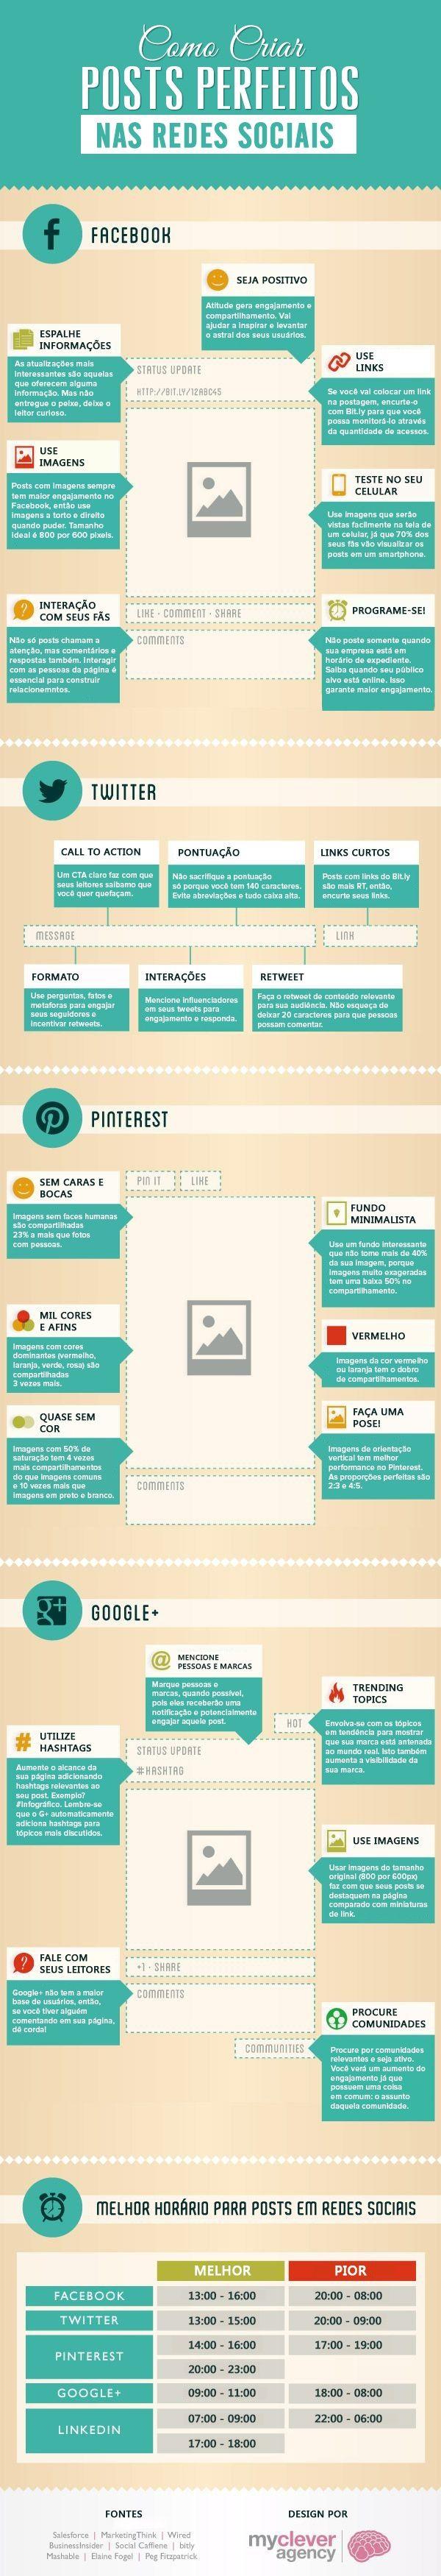 Como criar posts perfeitos nas redes sociais. #infografico